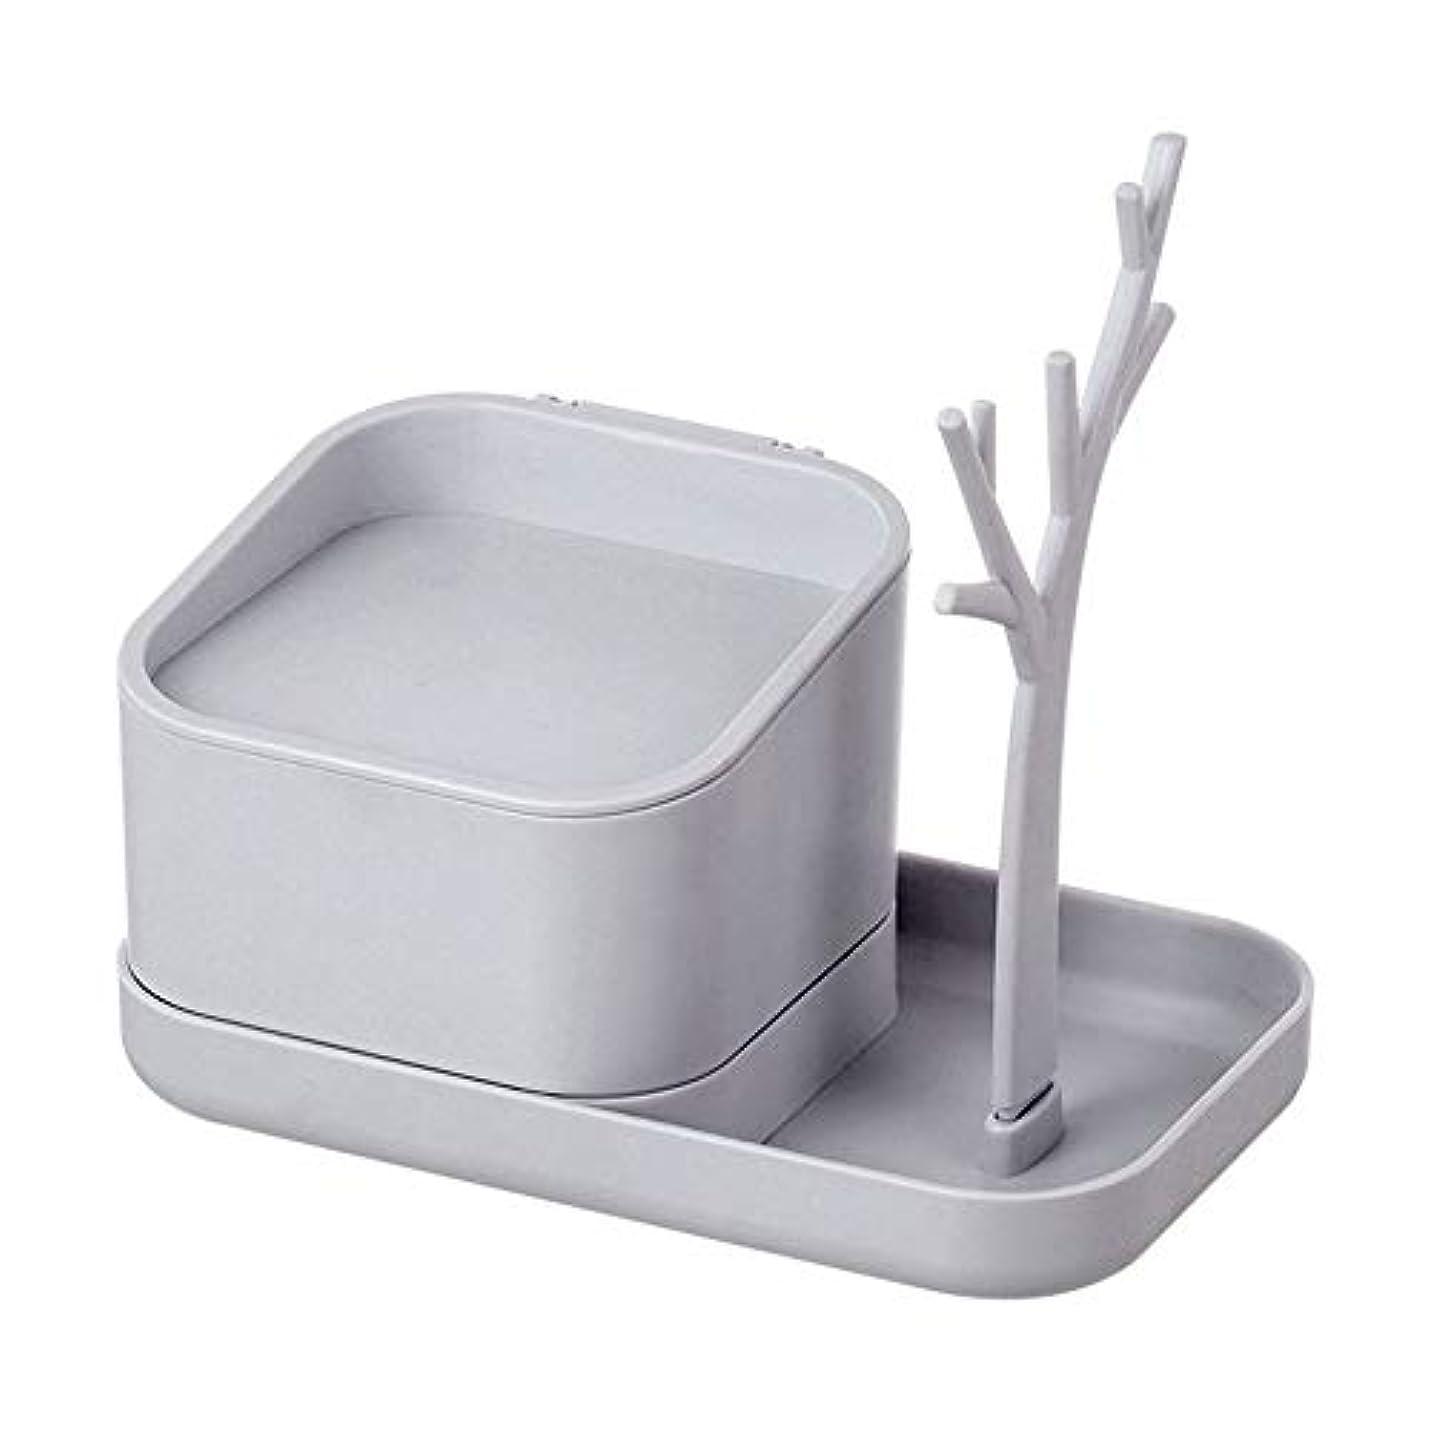 エイリアンクアッガサワー化粧品収納ボックス、デスクトップ多機能収納ボックス、化粧品/ヘアアクセサリー/マスク/ジュエリー/ストレージに適しています,White